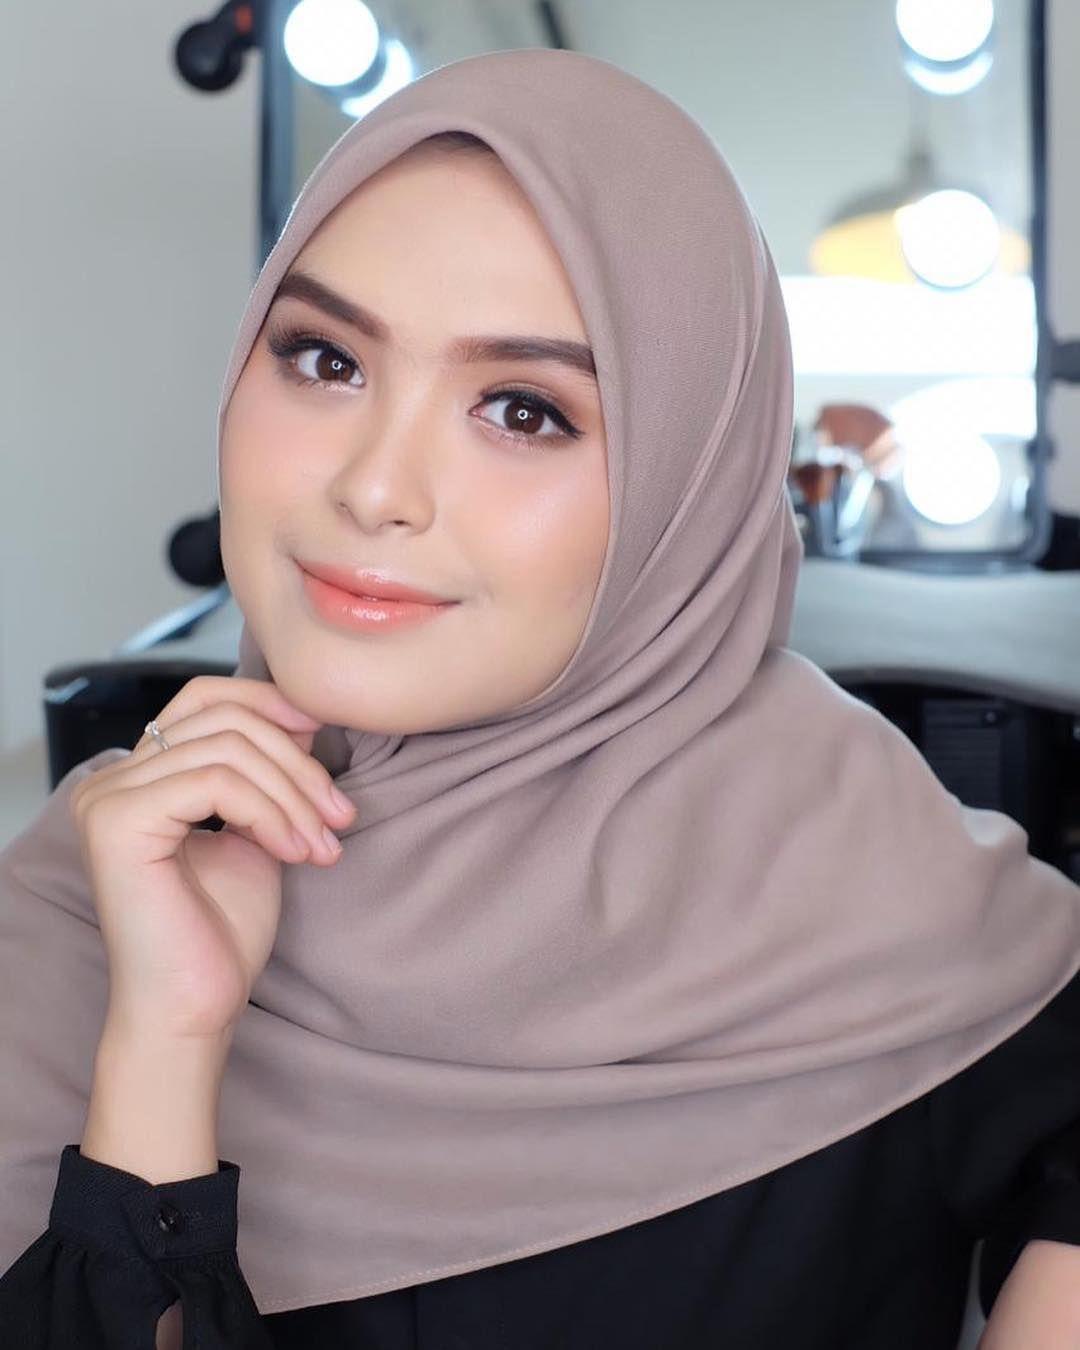 Make Up Simple Ala Mba Ku Ziabrides Jazakillah Khairan Mbakuh Jilbab Cantik Gaya Hijab Kecantikan